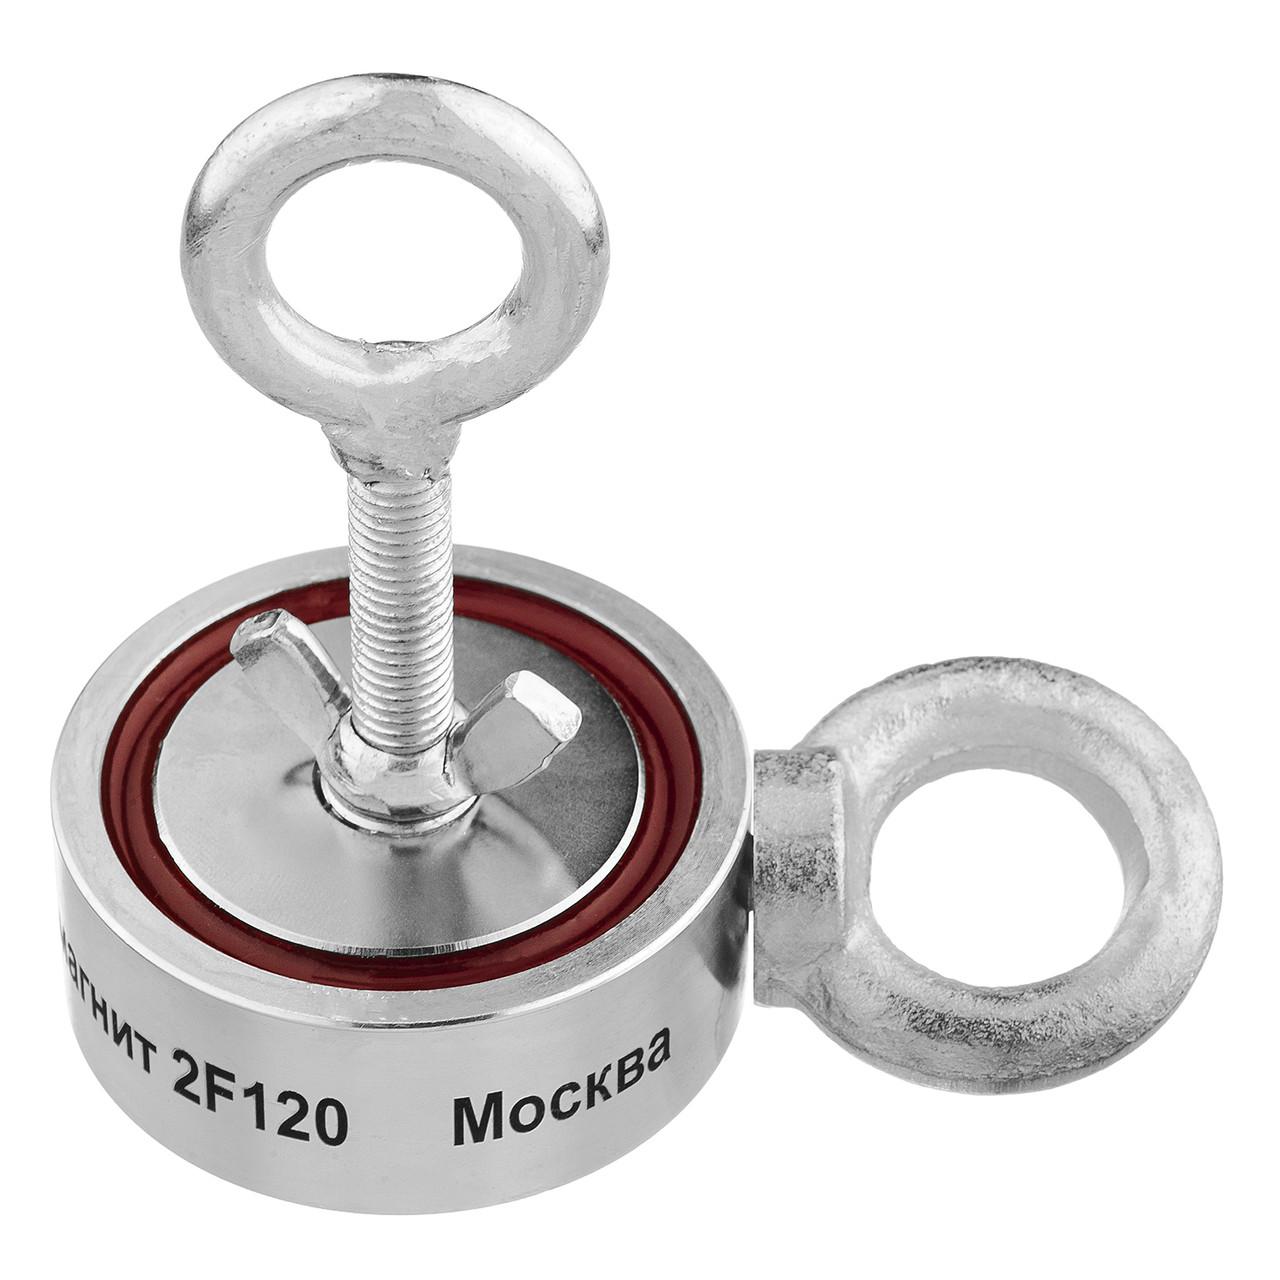 Поисковый неодимовый магнит НЕПРА 2F120 двухсторонний, ОРИГИНАЛ в УКРАИНЕ!